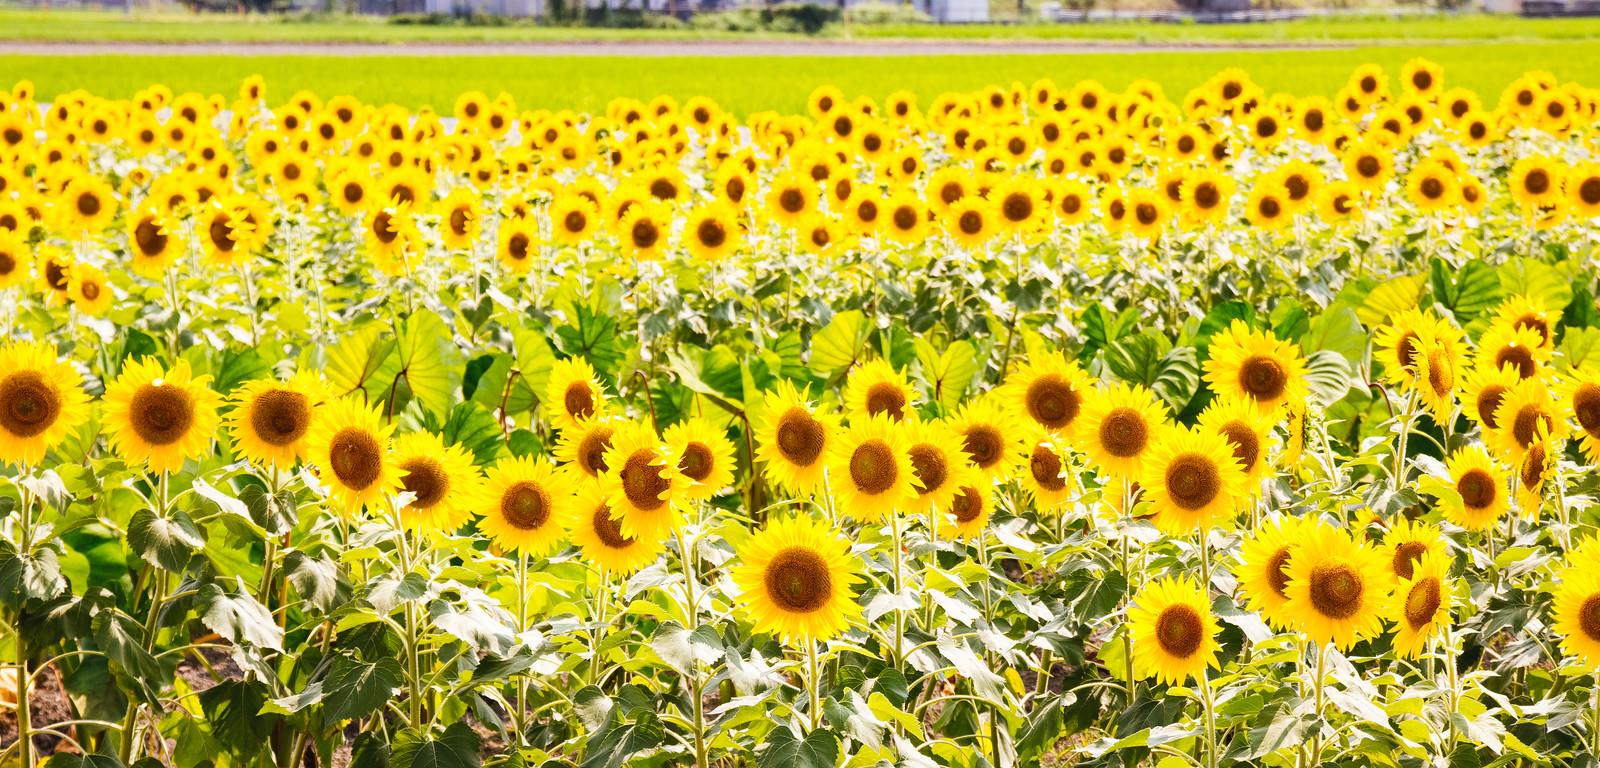 「ぎっしり向日葵畑」の写真